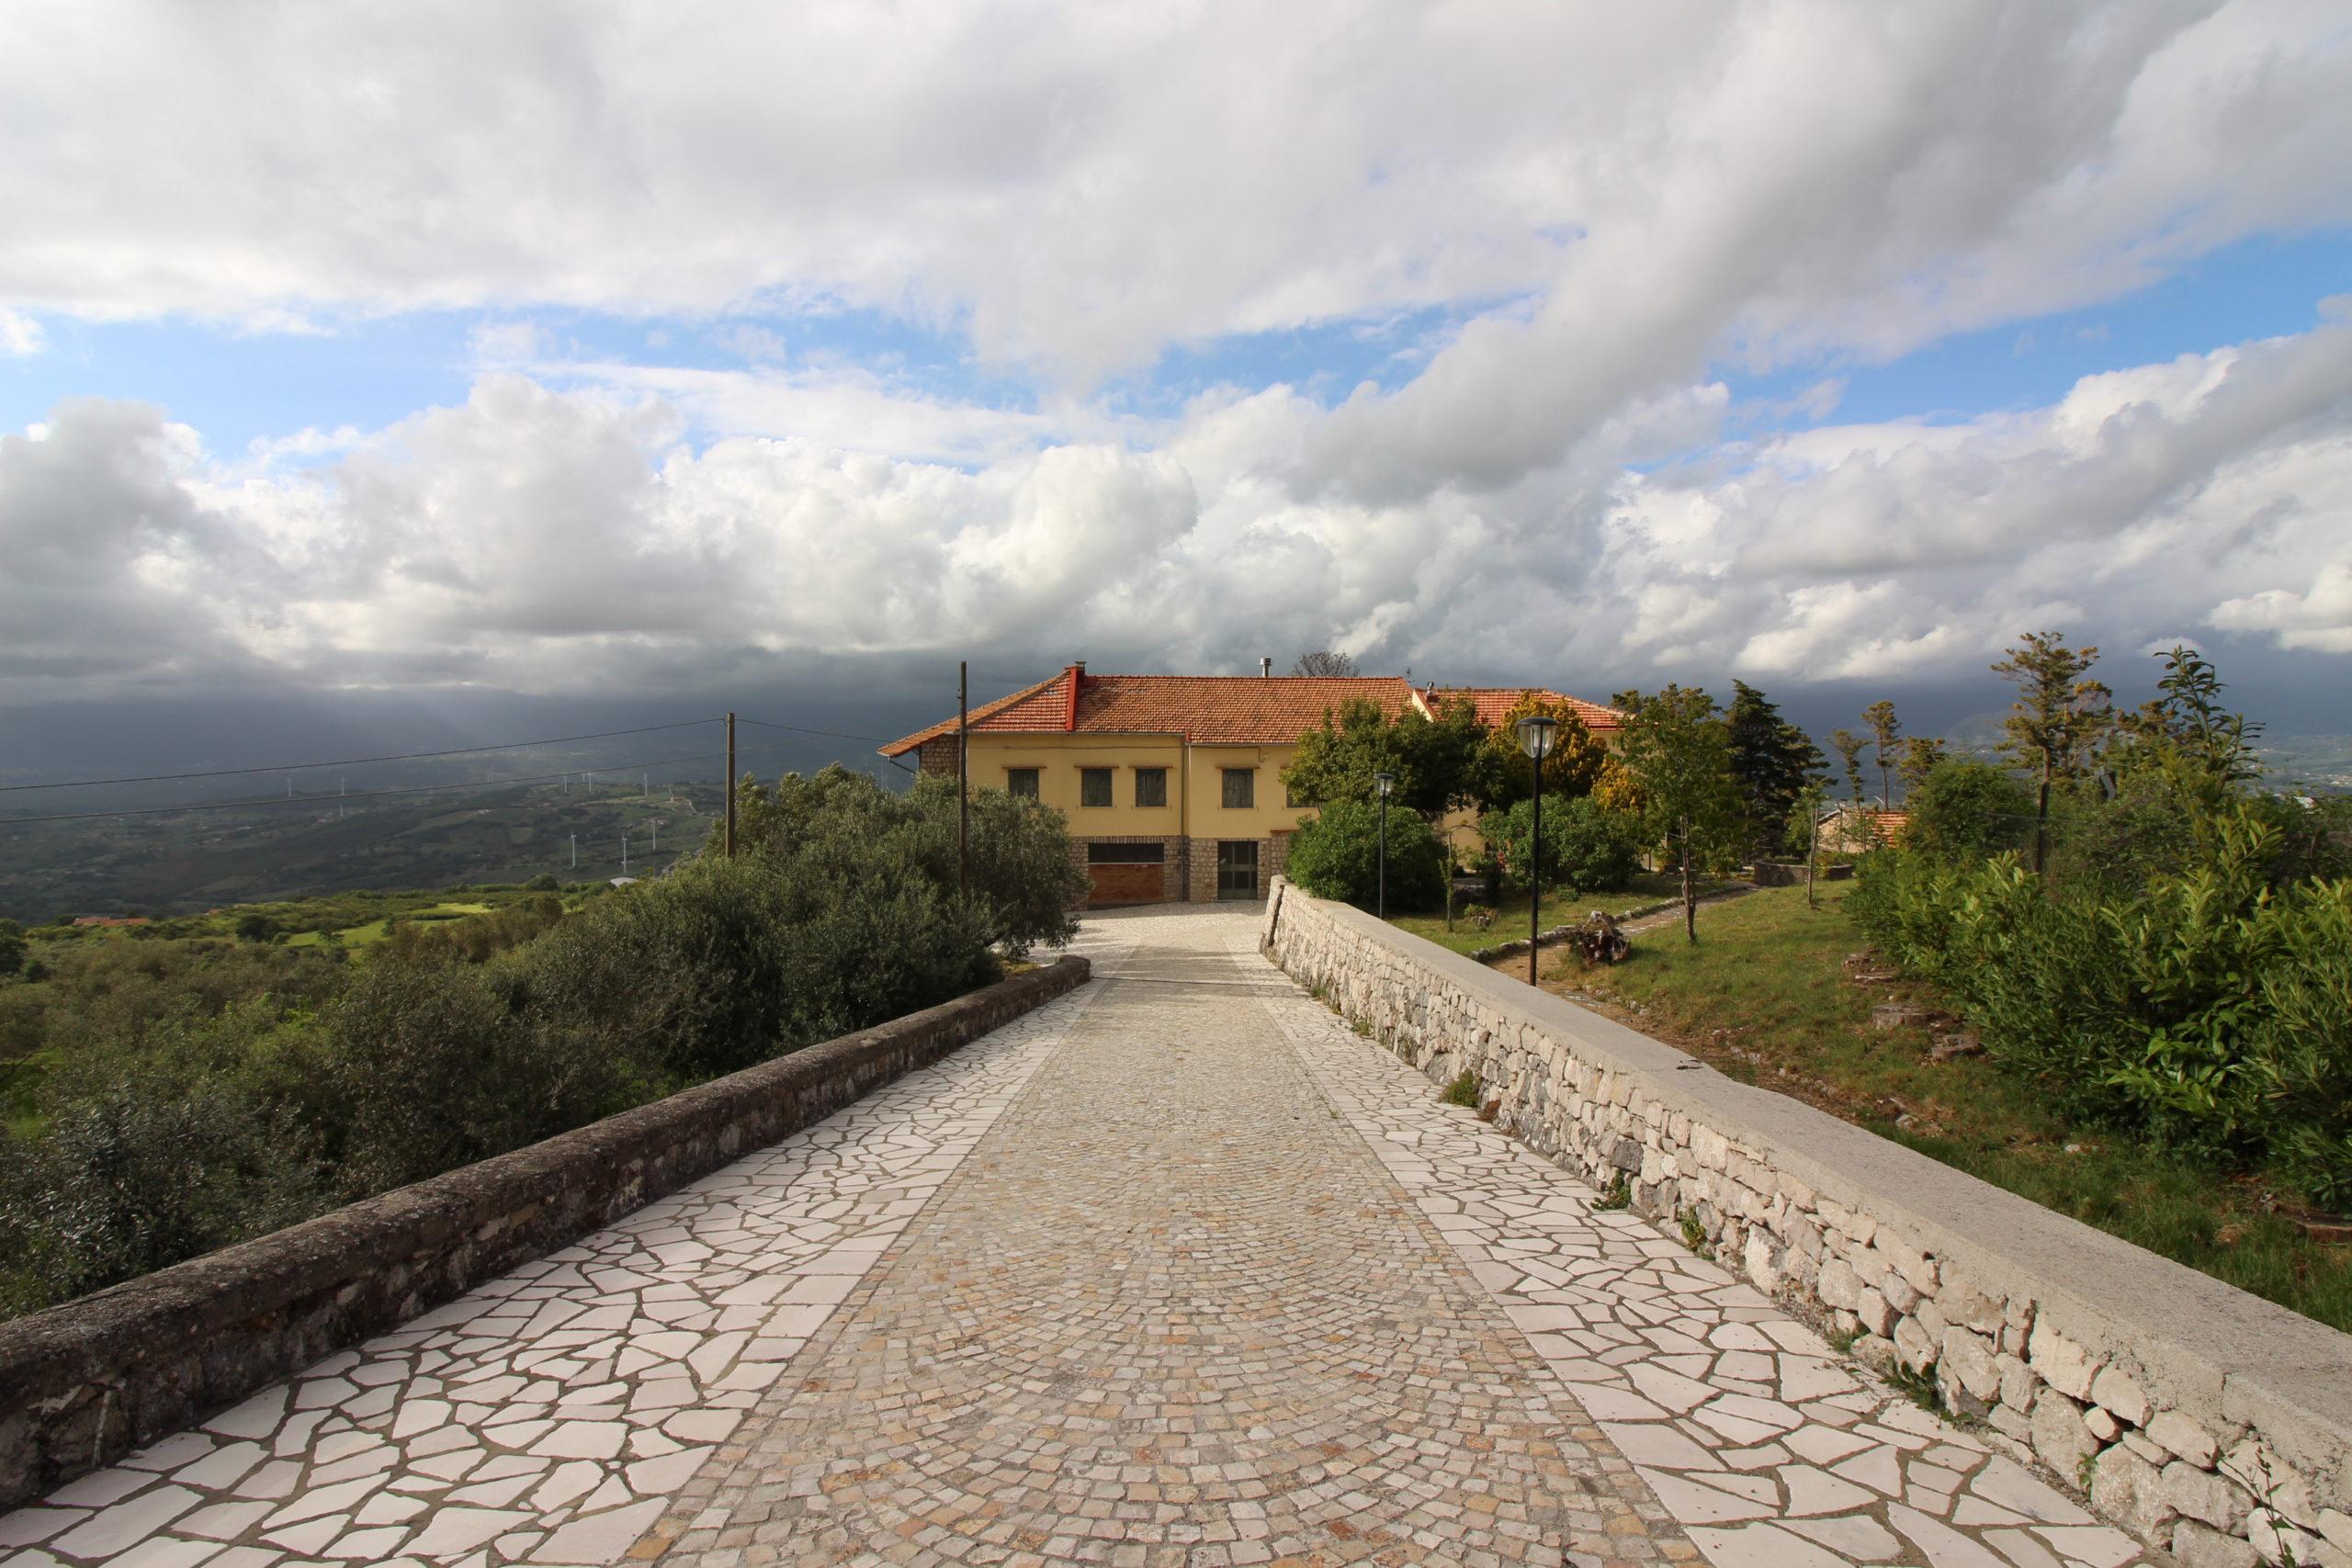 Vendesi casale ristrutturato immerso nel verde di oliveti e pini in località Postiglione (SA)